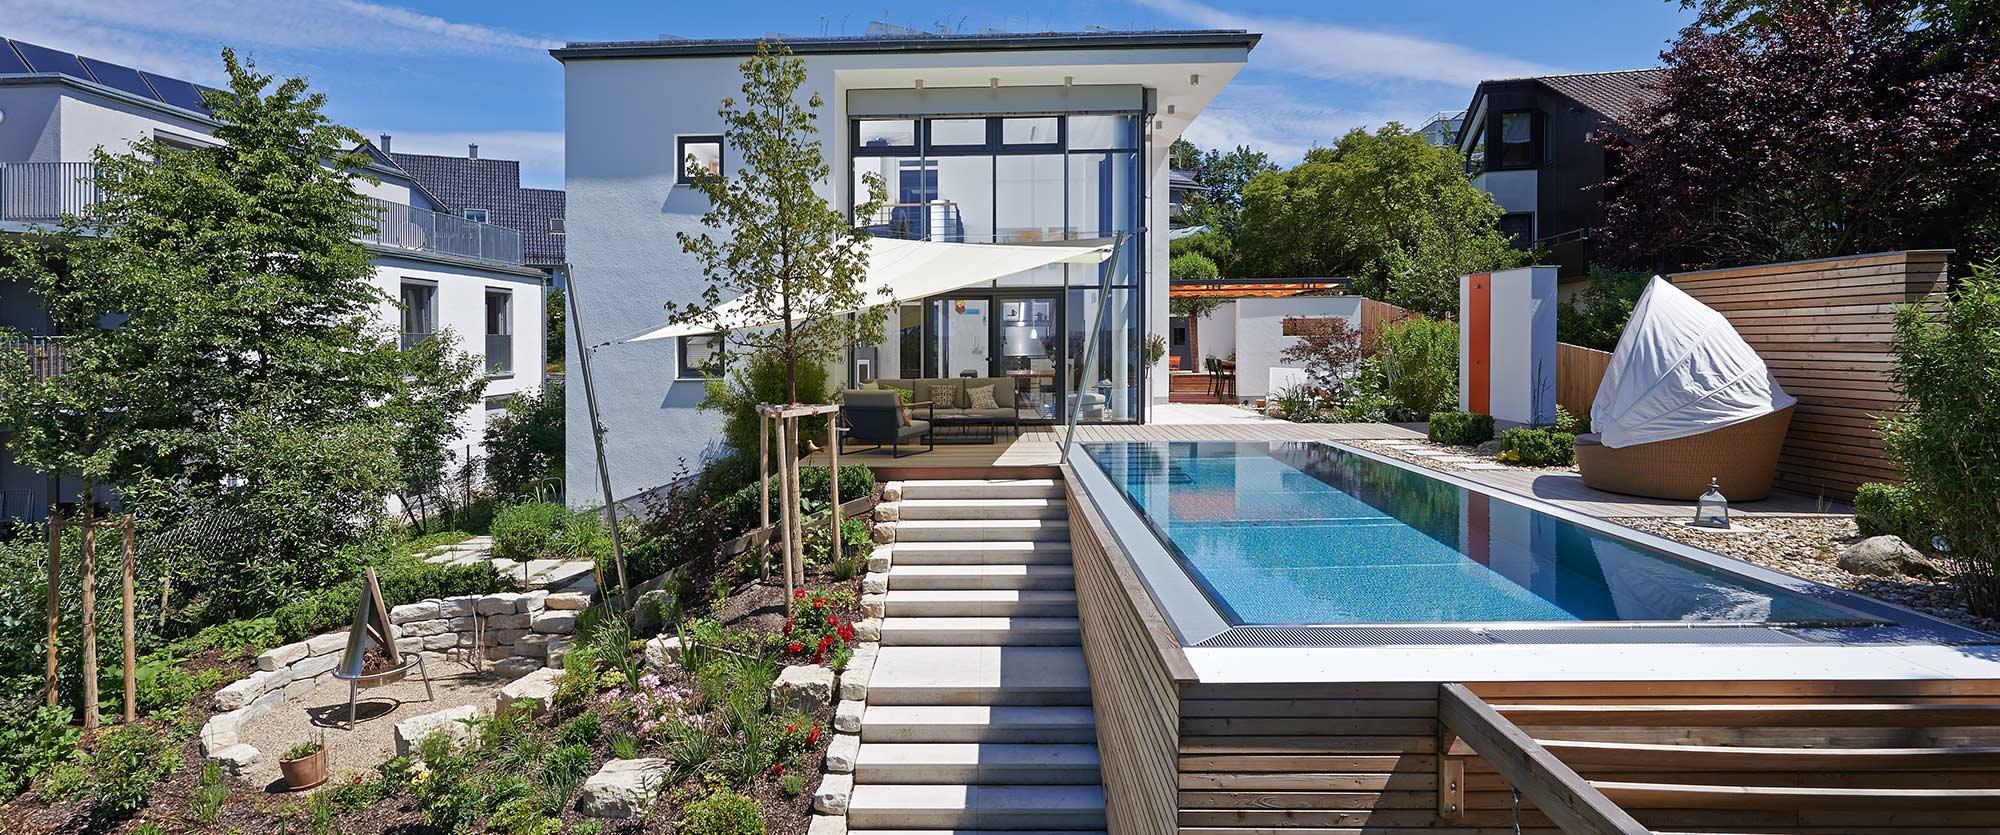 pool in hanglage. Black Bedroom Furniture Sets. Home Design Ideas